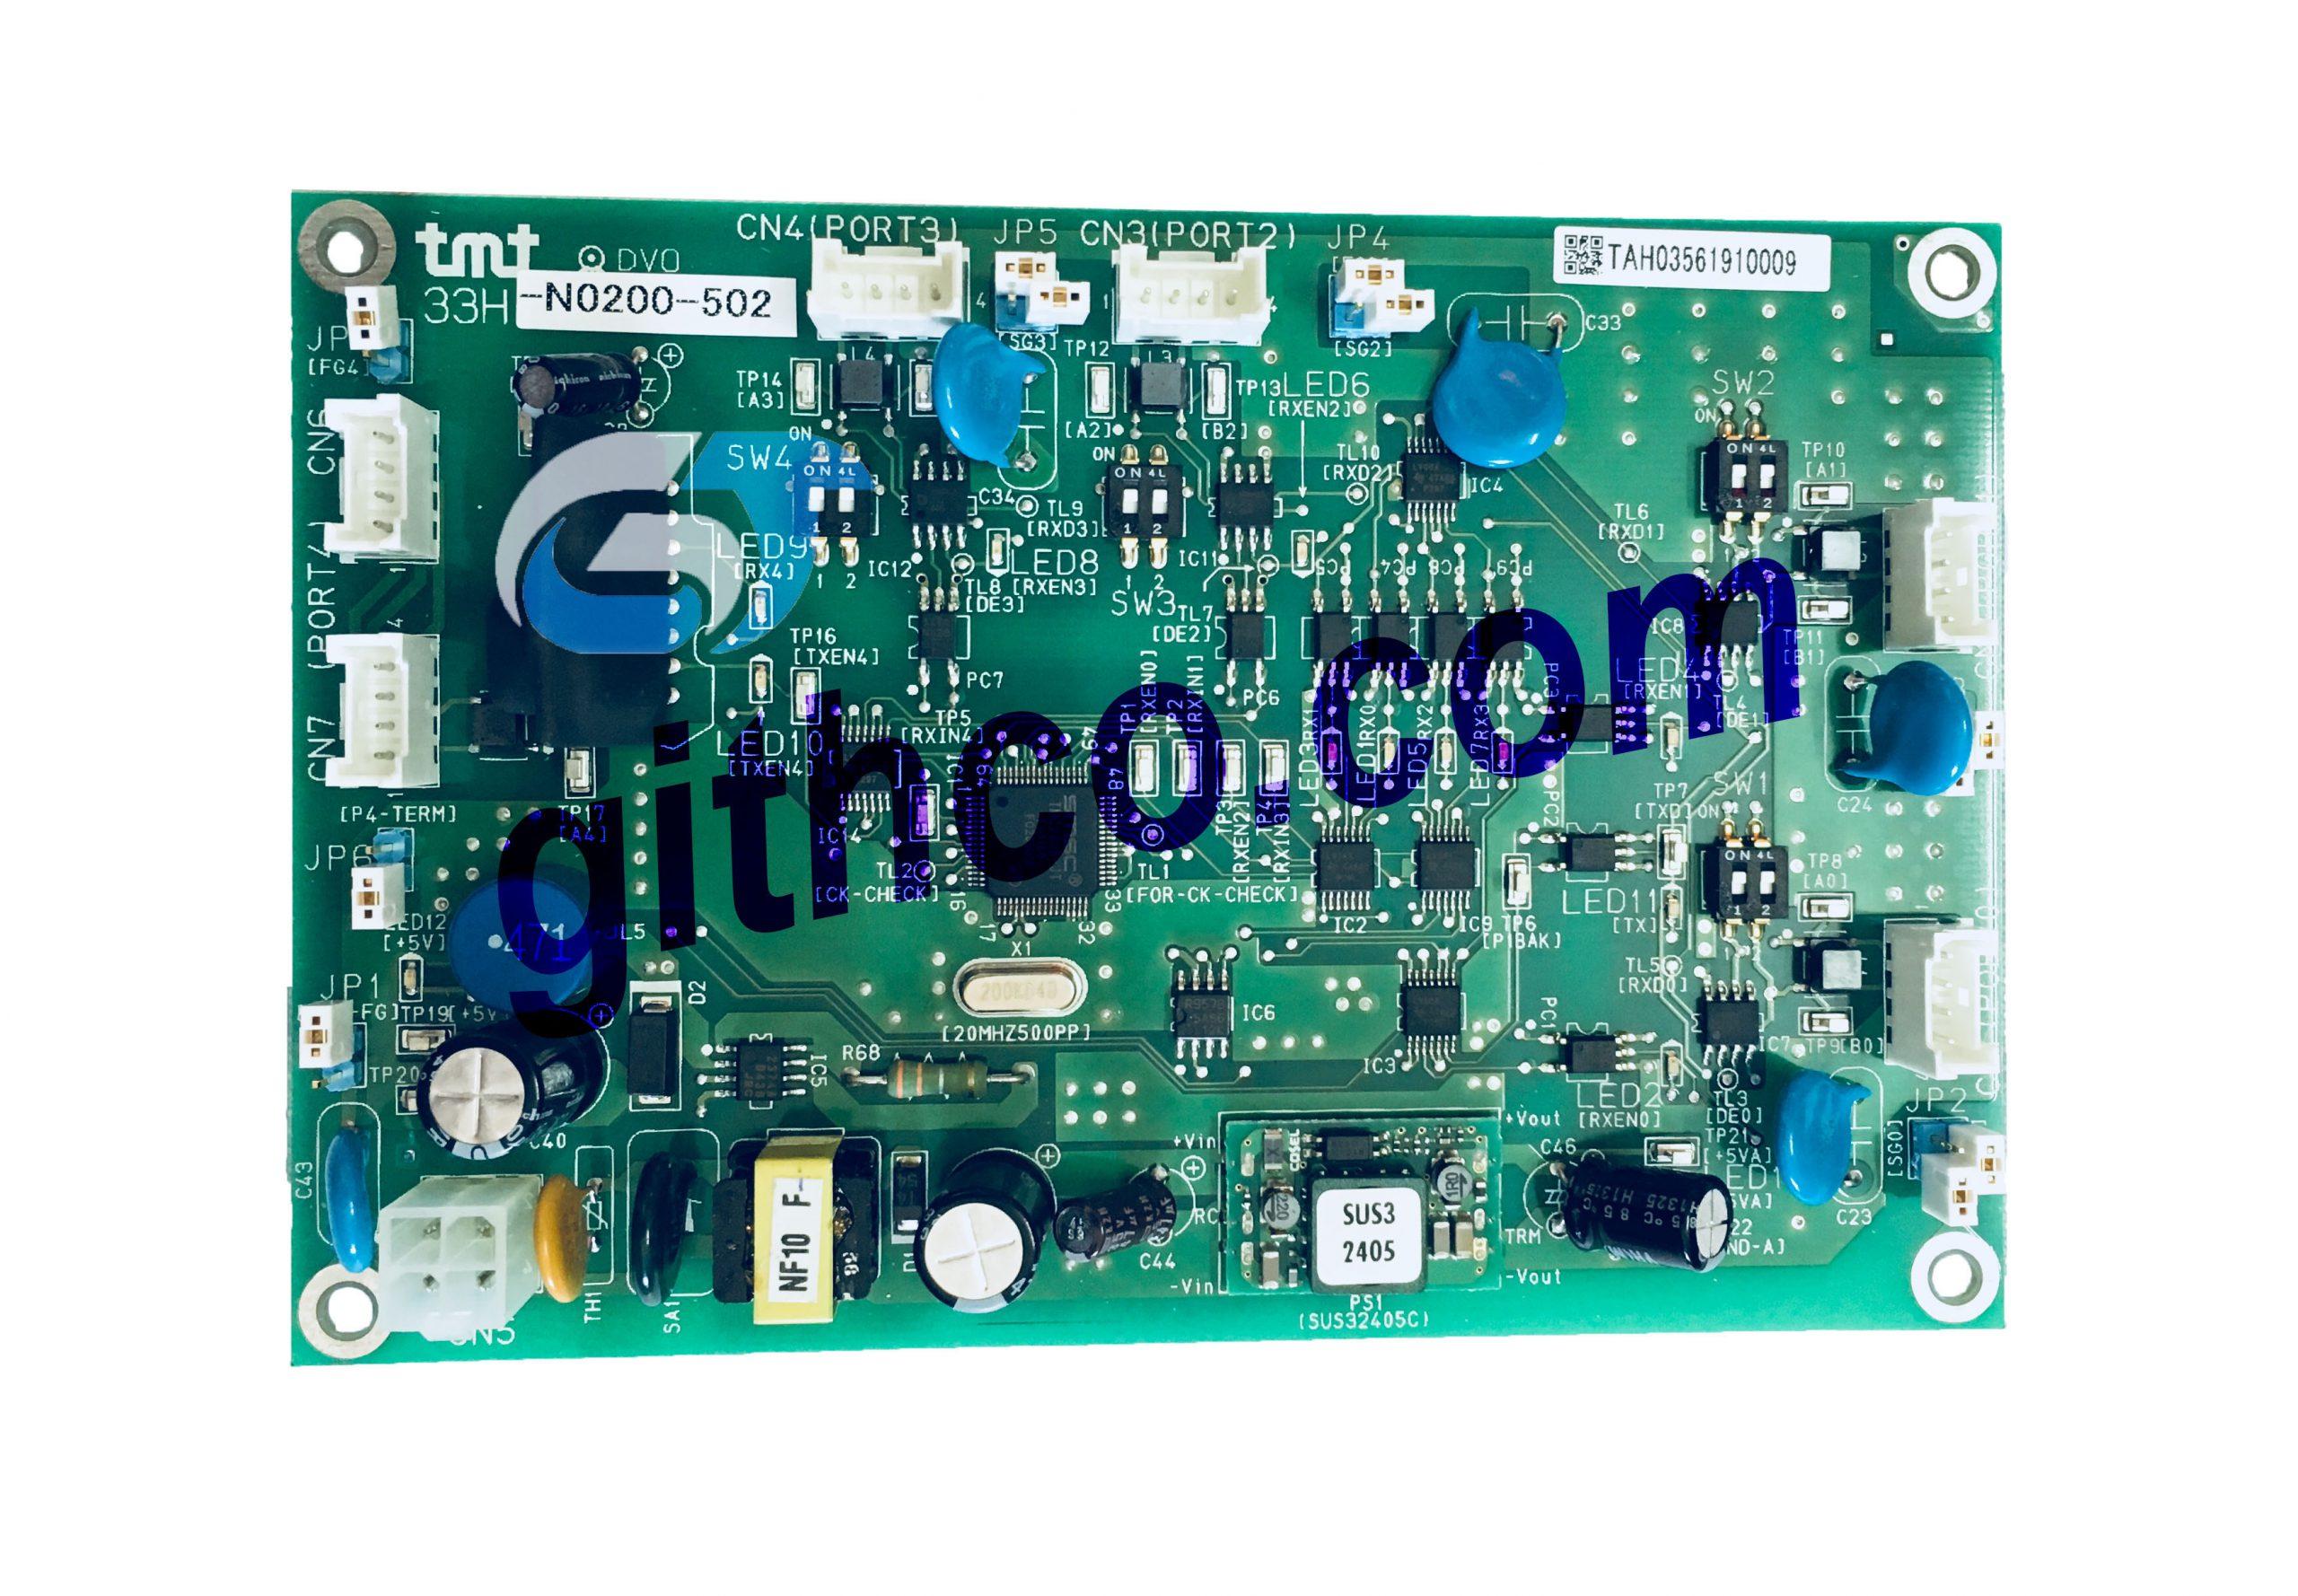 Bo mạch máy dệt TMT Nhật Bản 33H-N0200-502